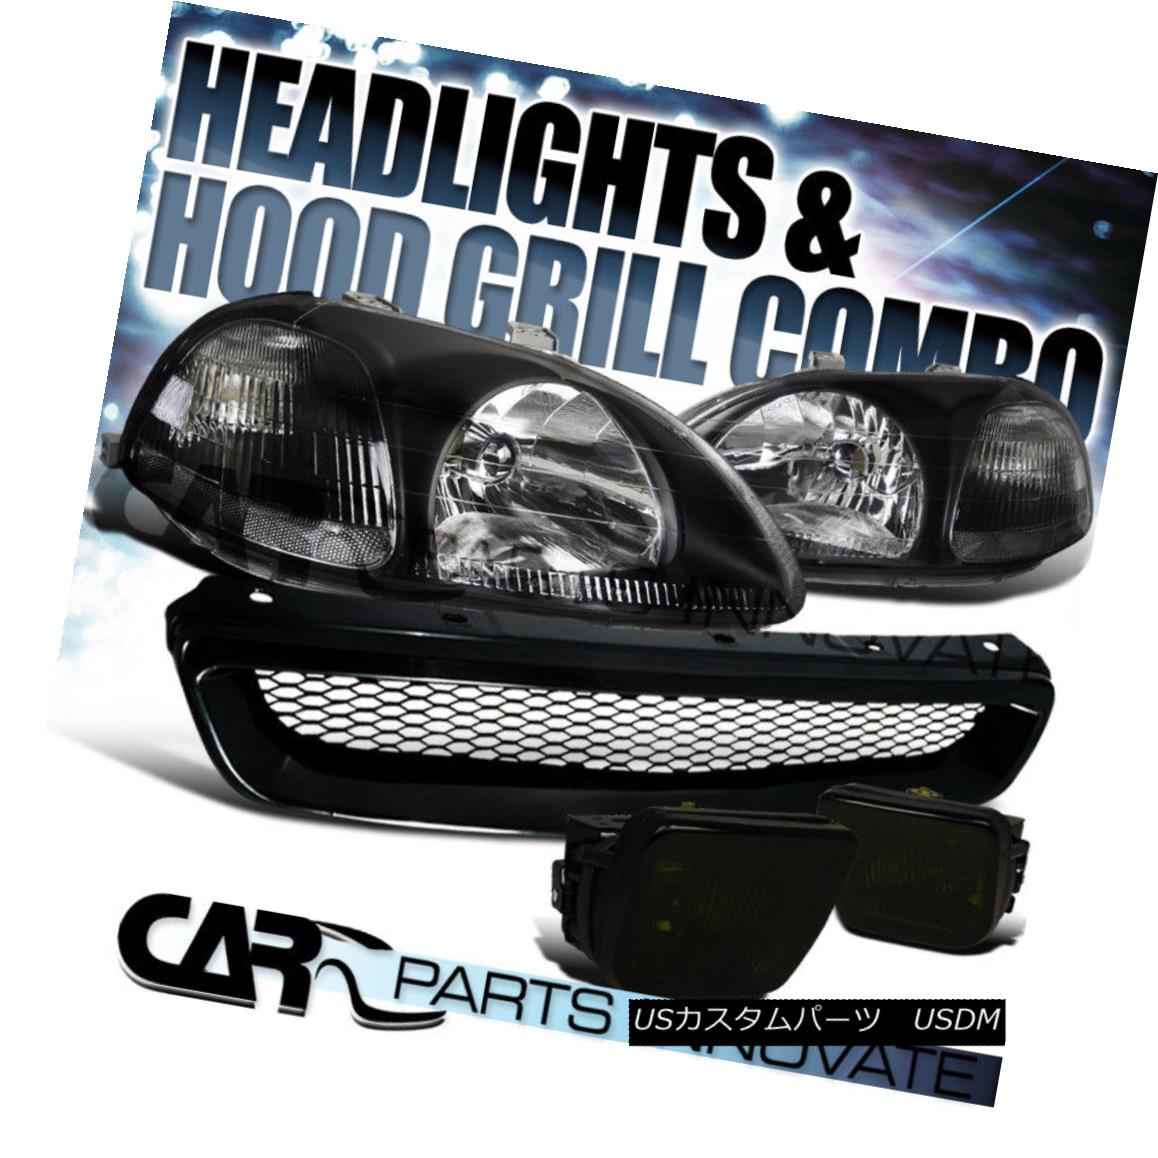 グリル Fit 1996-1998 Honda Civic Black Headlights+Smoke Fog Bumper Lamp+Mesh Grille フィット1996-1998ホンダシビックブラックヘッドライト+スモーキー keフォグバンパーランプ+メッシュグリル